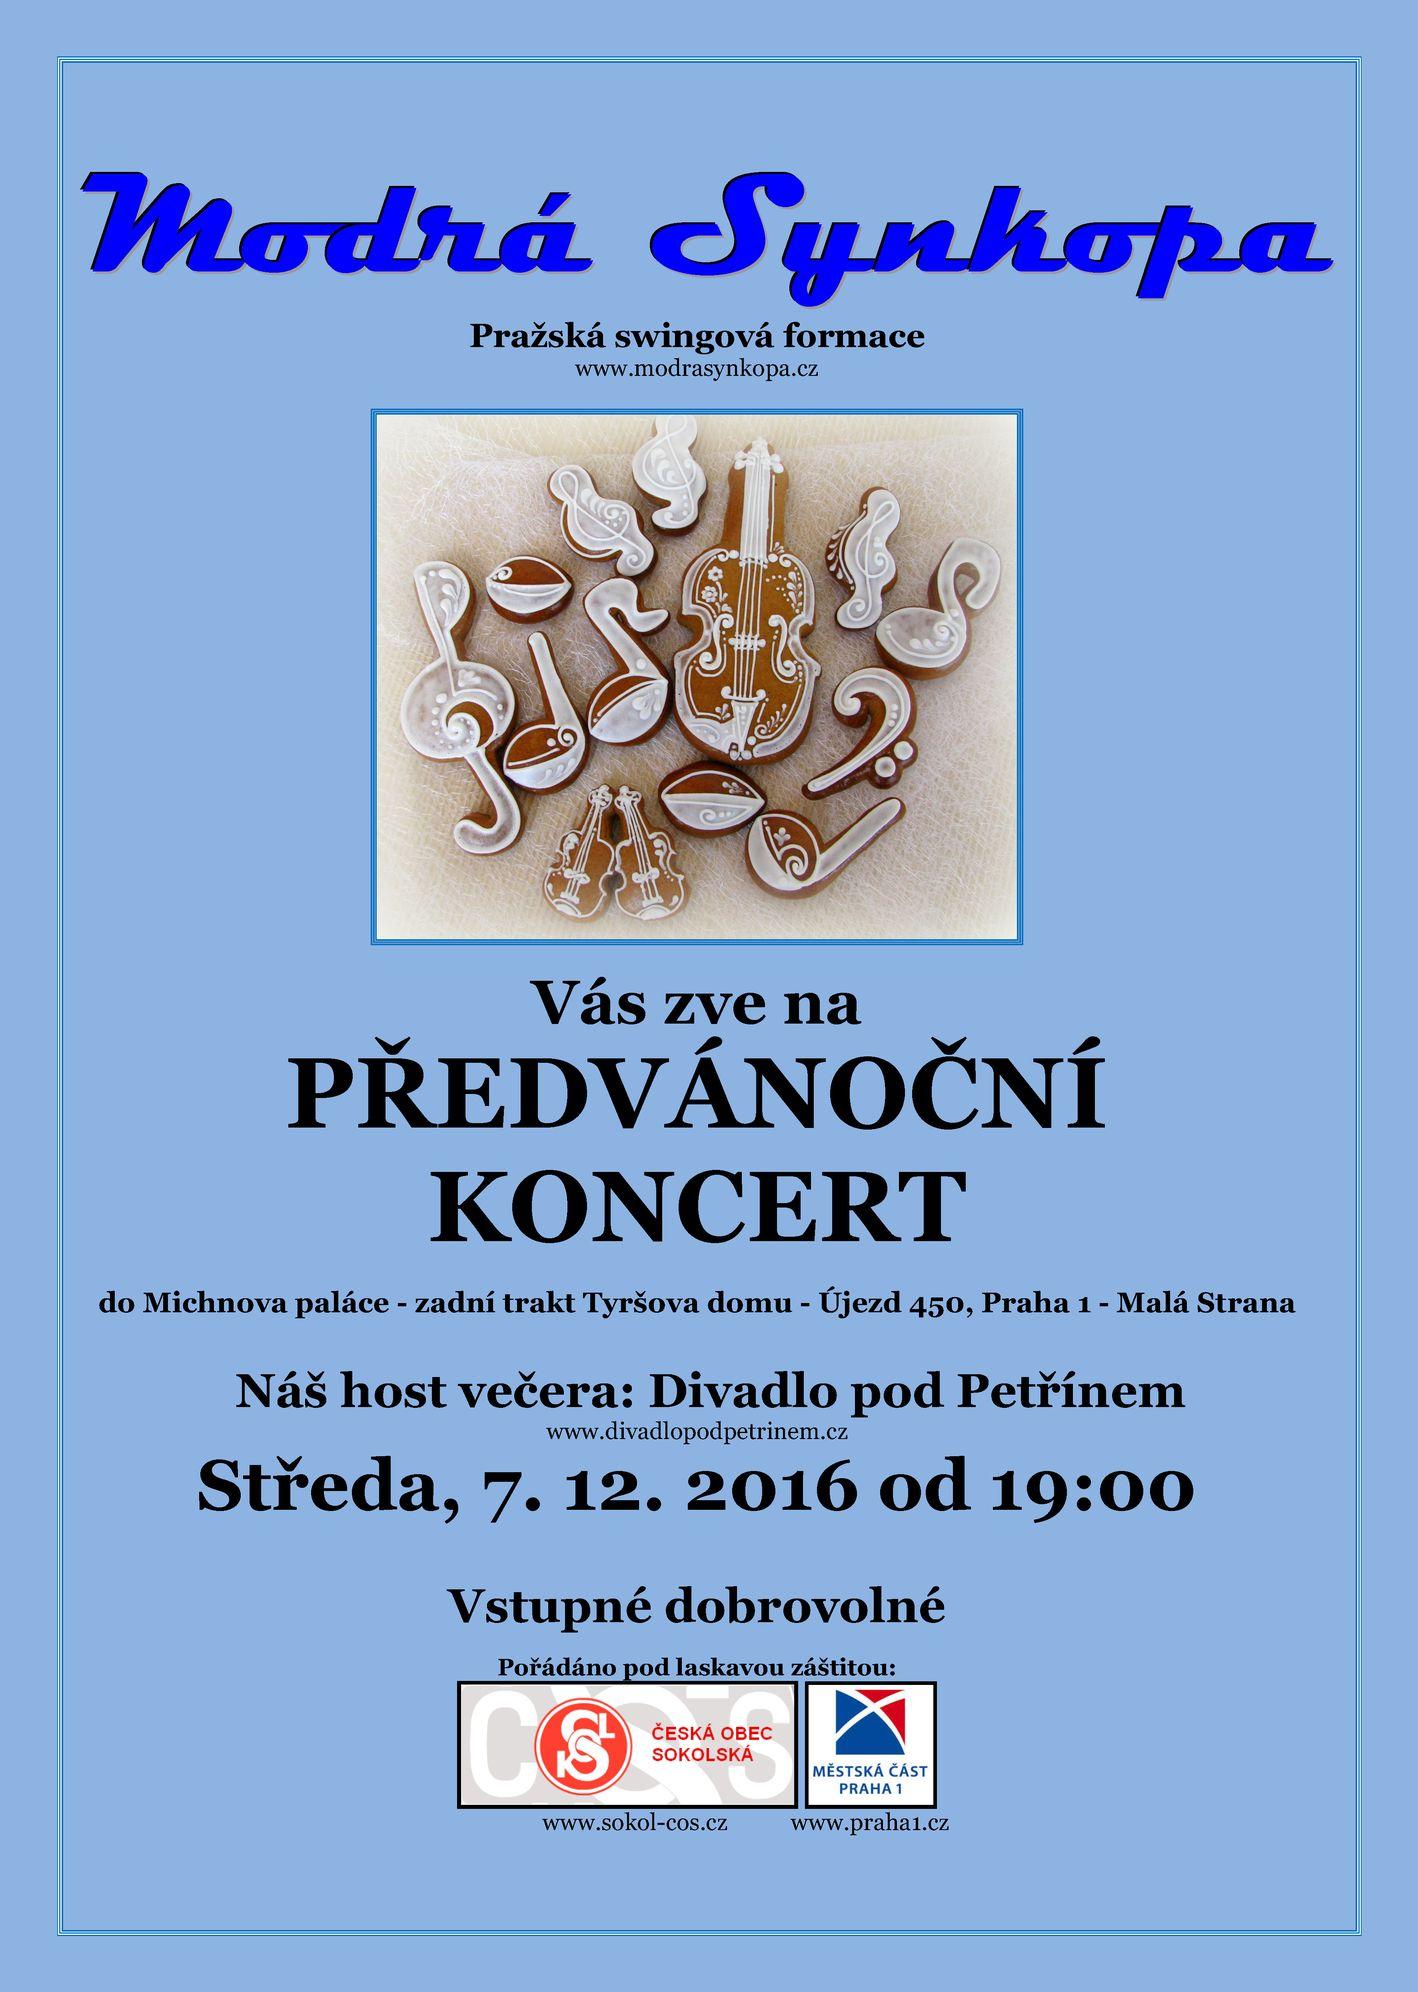 modra_synkopa_koncert_7-12-20161